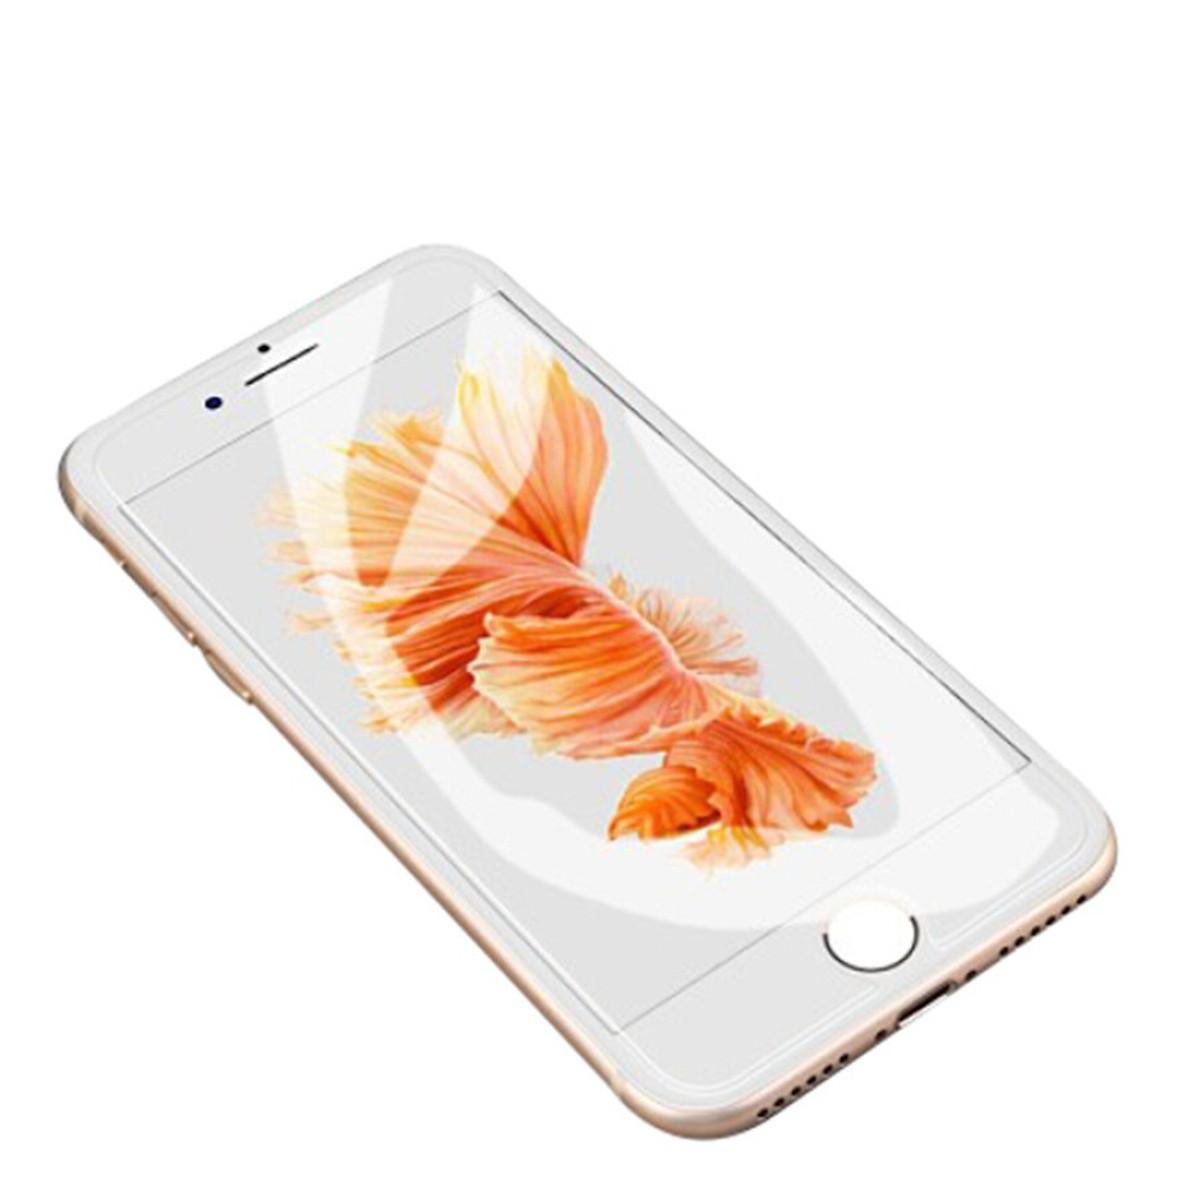 Miếng Dán Màn Hình Wallpaper (VALEA) iPhone 7 Plus/ 6s Plus/ 6 Plus